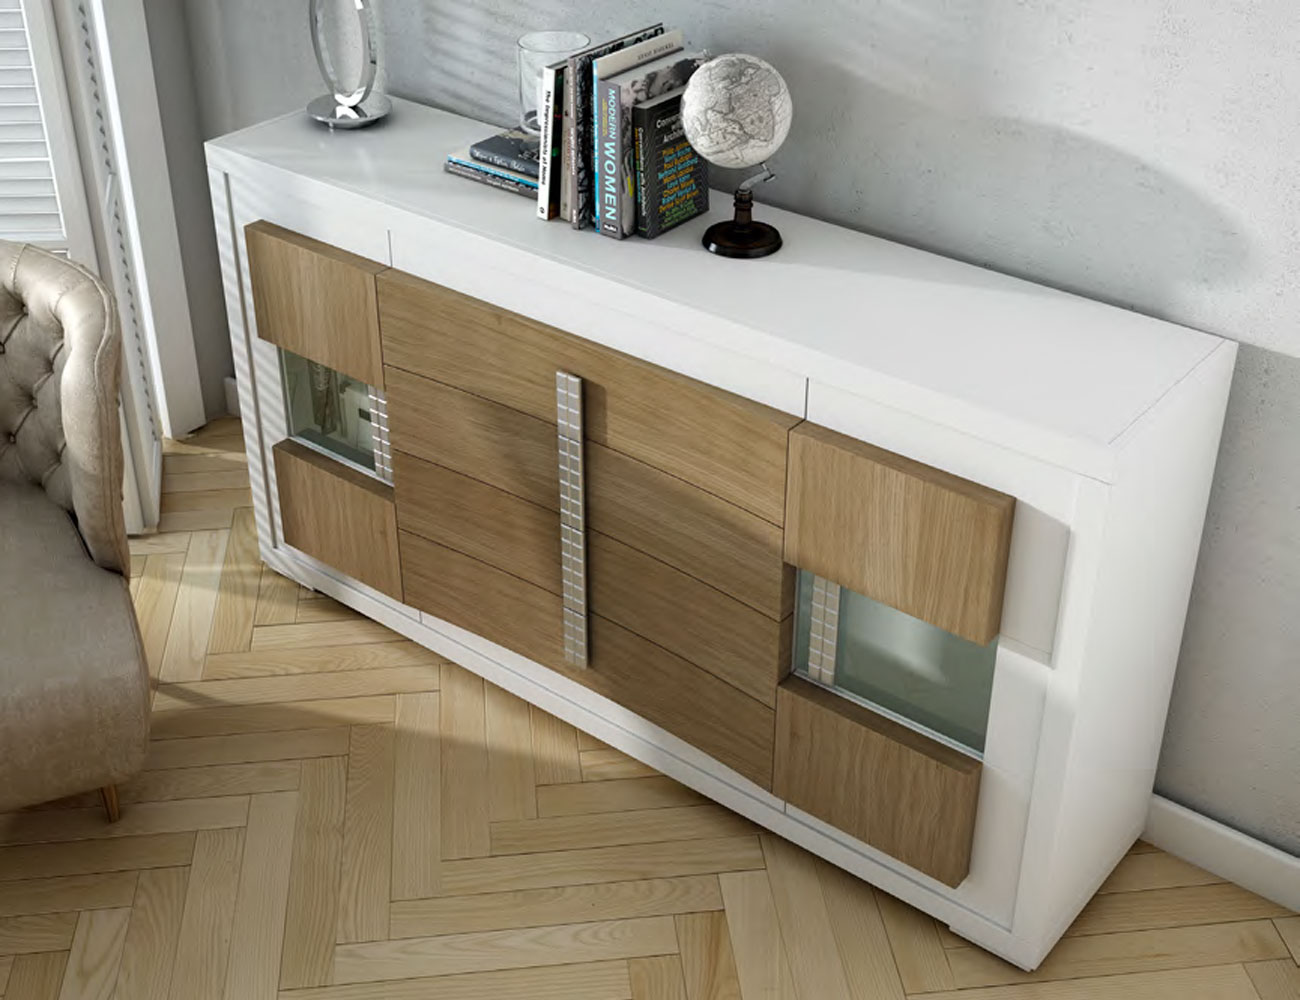 Aparador blanco cubos roble natural mueble